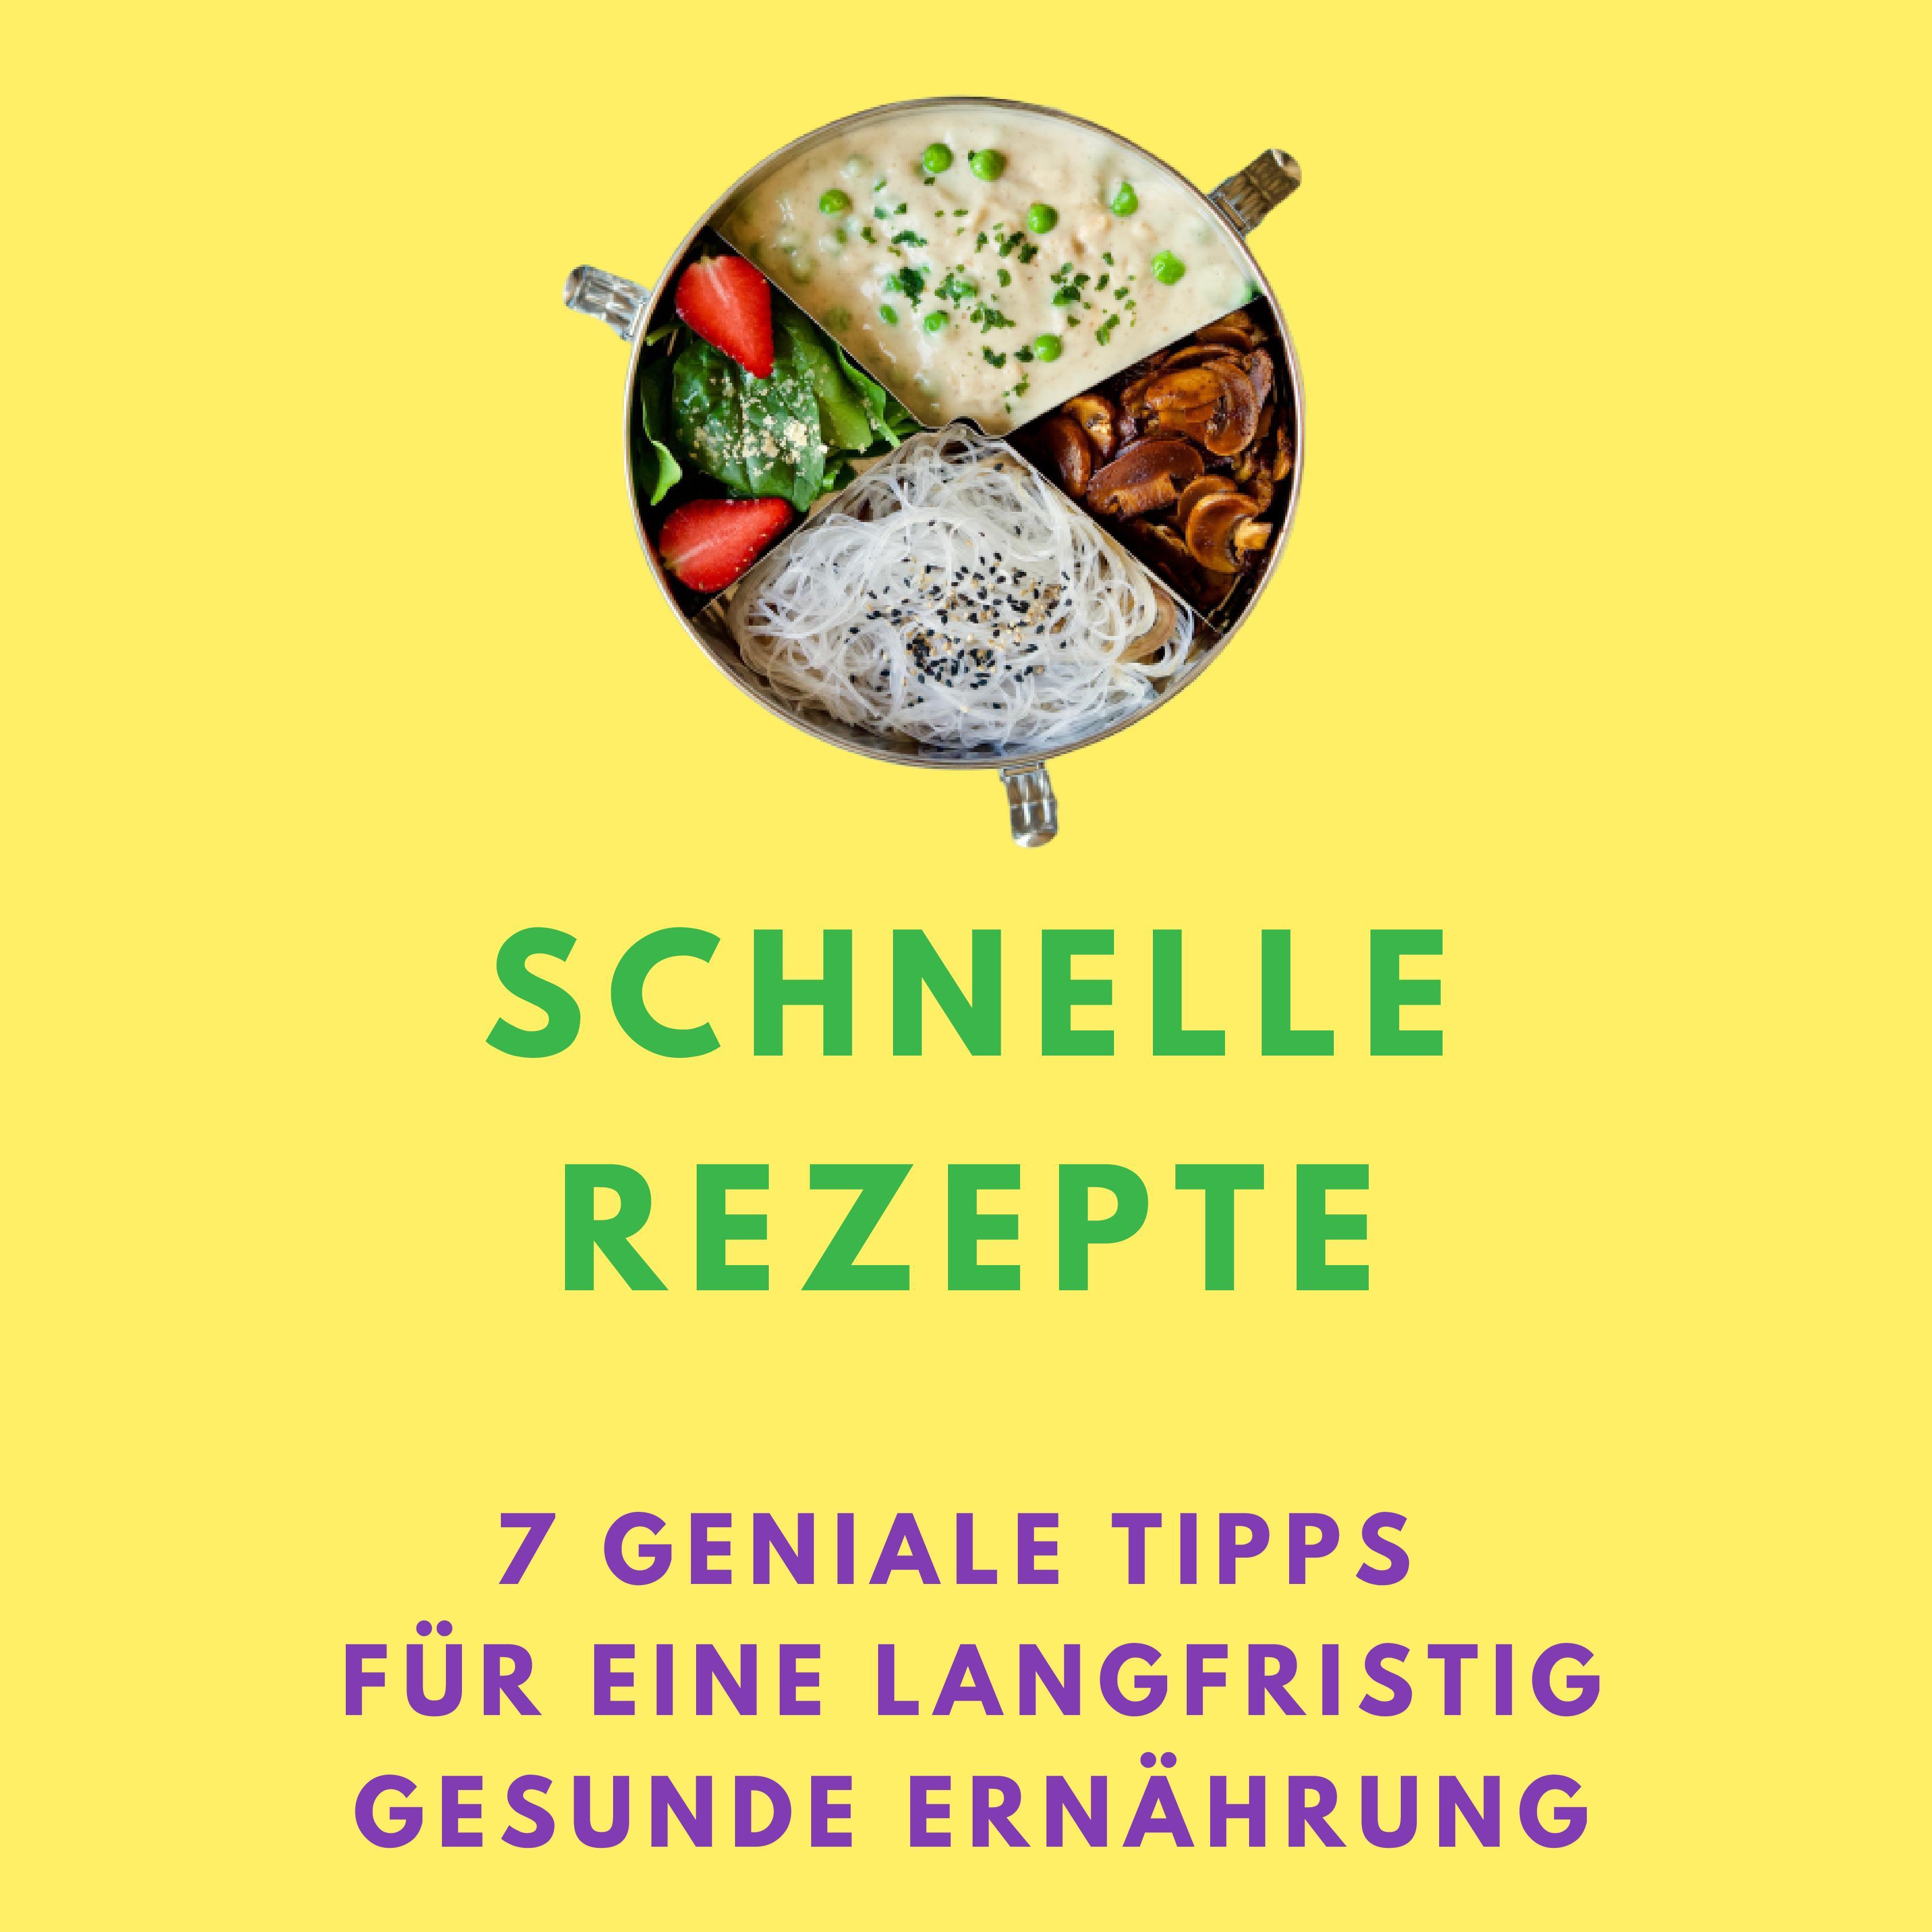 Schnelle Rezepte-OWAO!-Meal Prep-Ernährung für Vielbeschäftigte